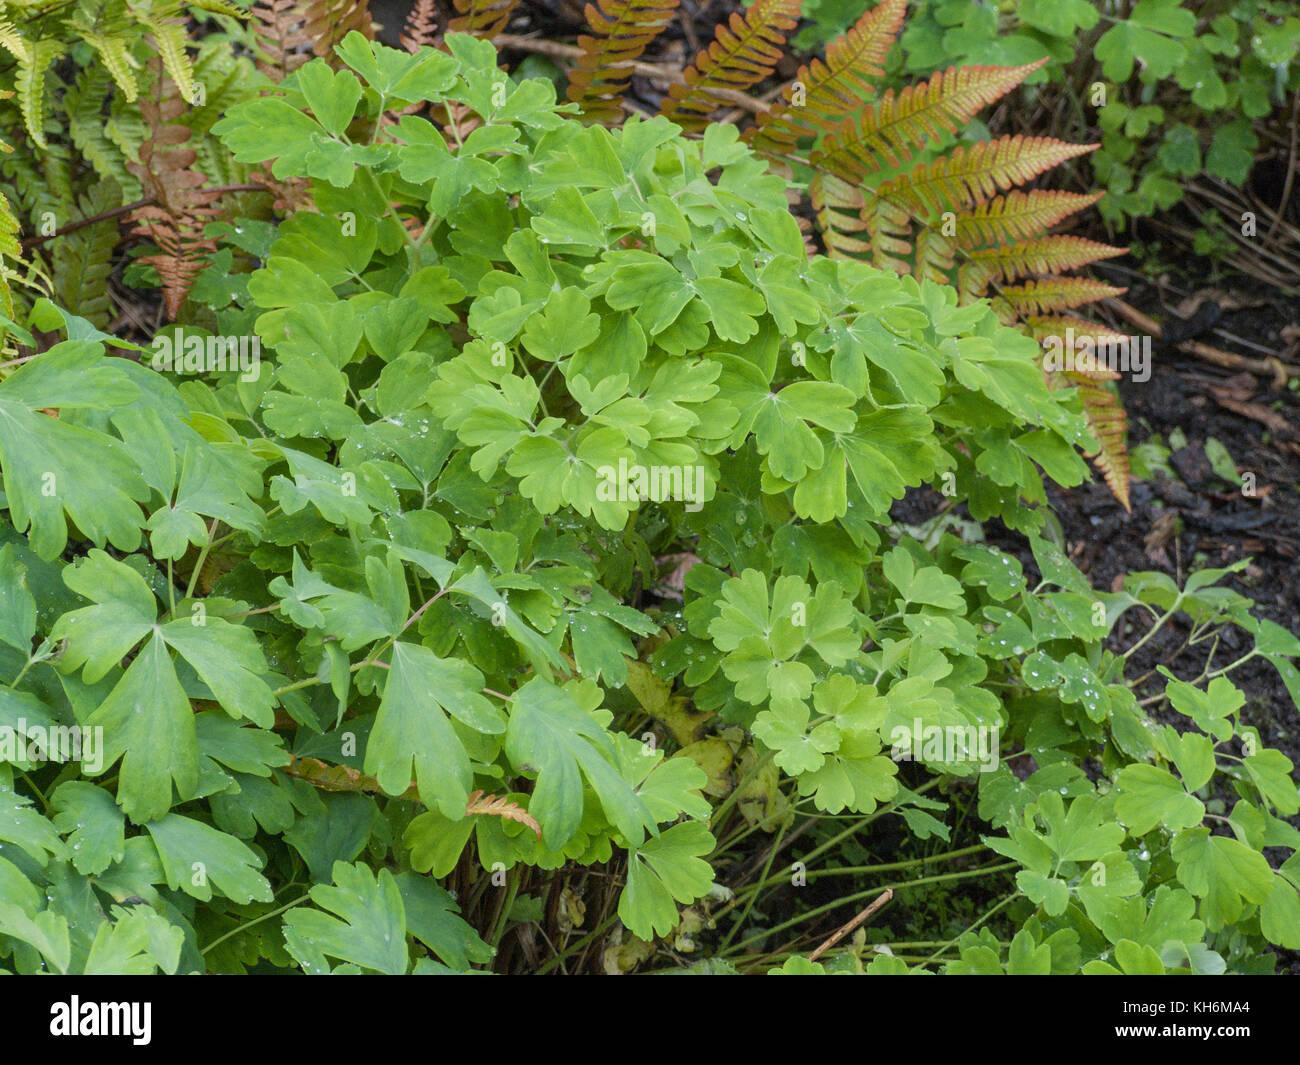 Foliage of Columbine (Aquilegia vulgaris). - Stock Image